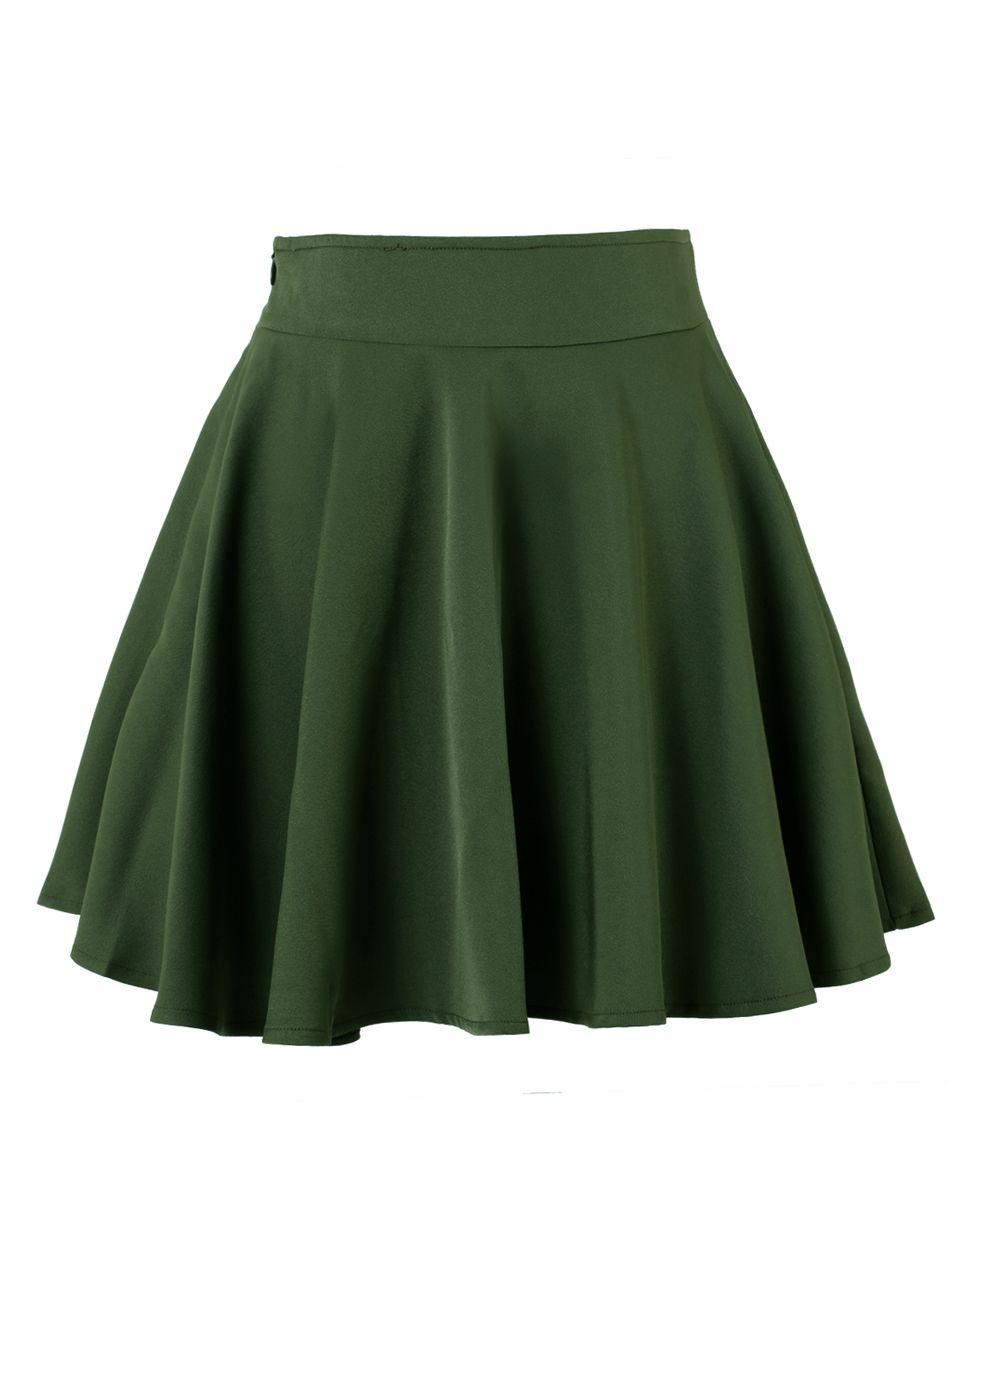 11aa15366 Dark green Skater Skirt | WOMEN'S CLOTHING | Skater skirt, Green ...